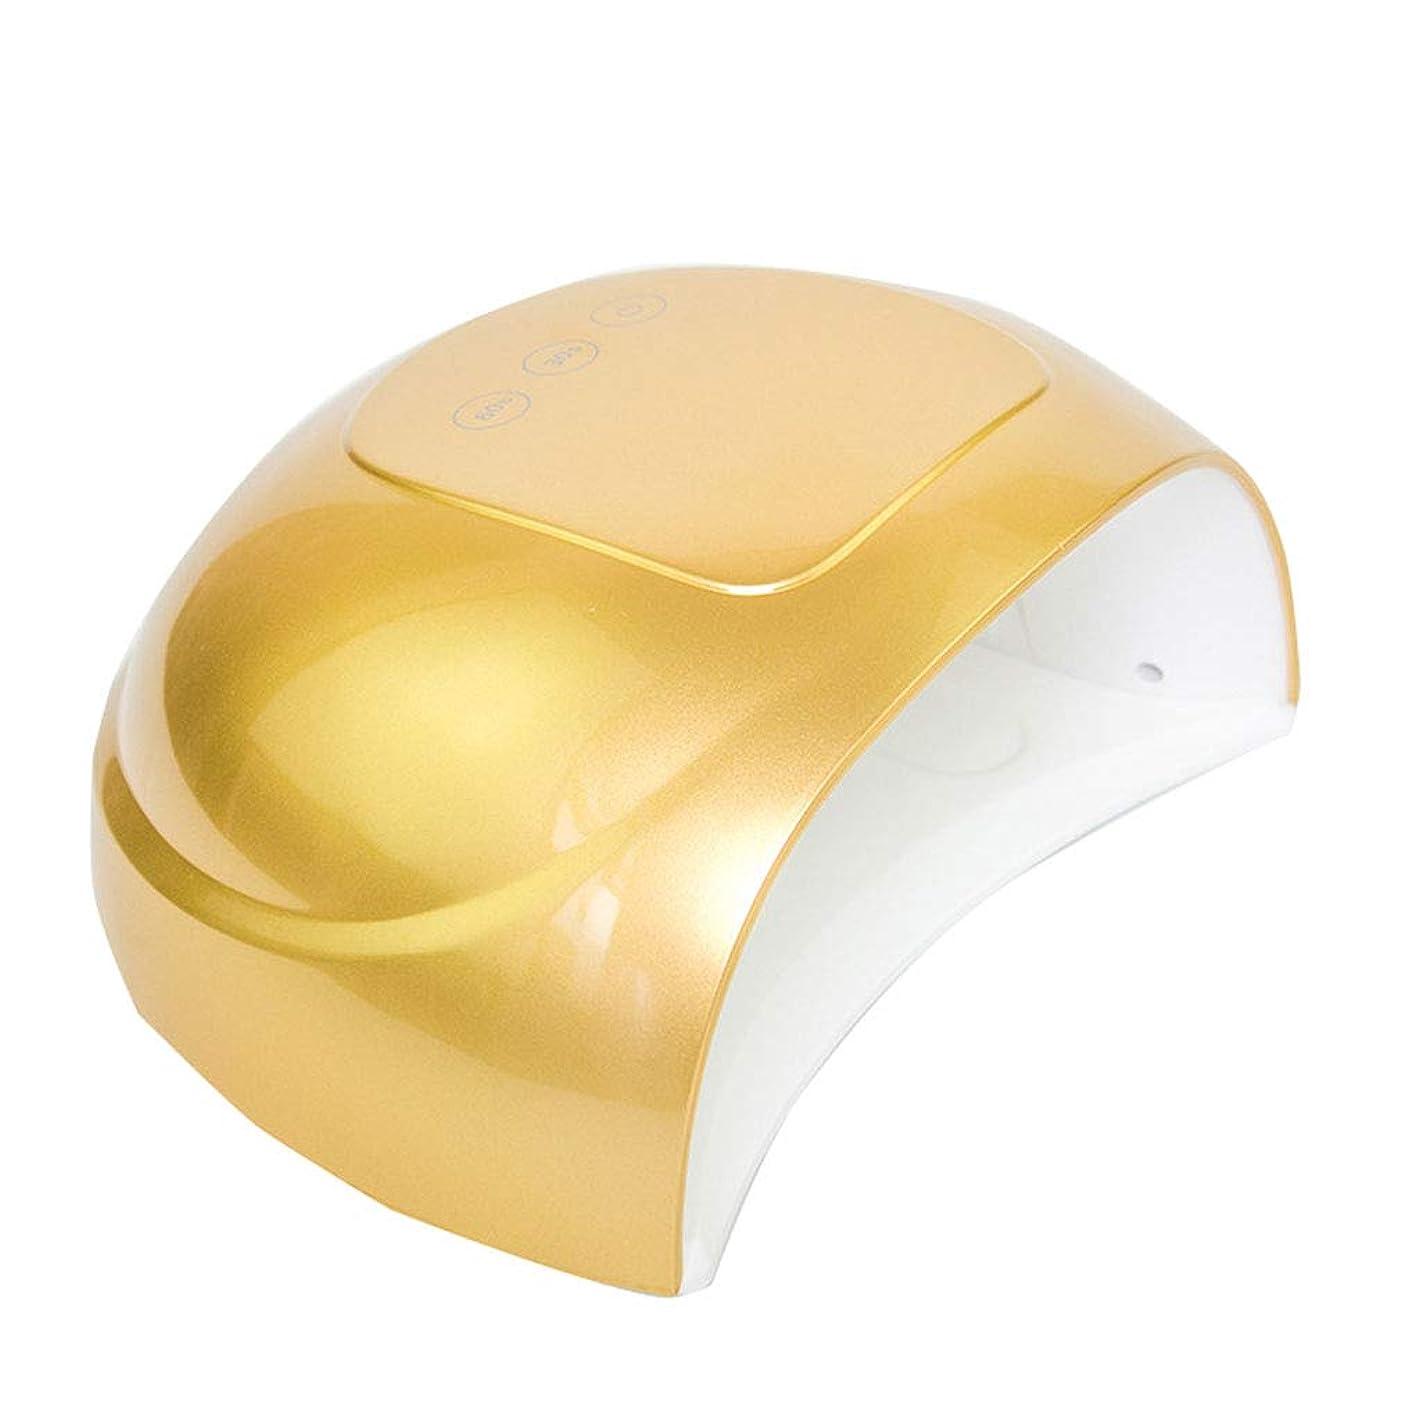 自分の力ですべてをする履歴書ペンダントネイルドライヤー新しい36ワット紫外線ledランプすべてのタイプジェルled紫外線ランプ用ネイルマニキュア日光赤外線センシングスマート,Gold